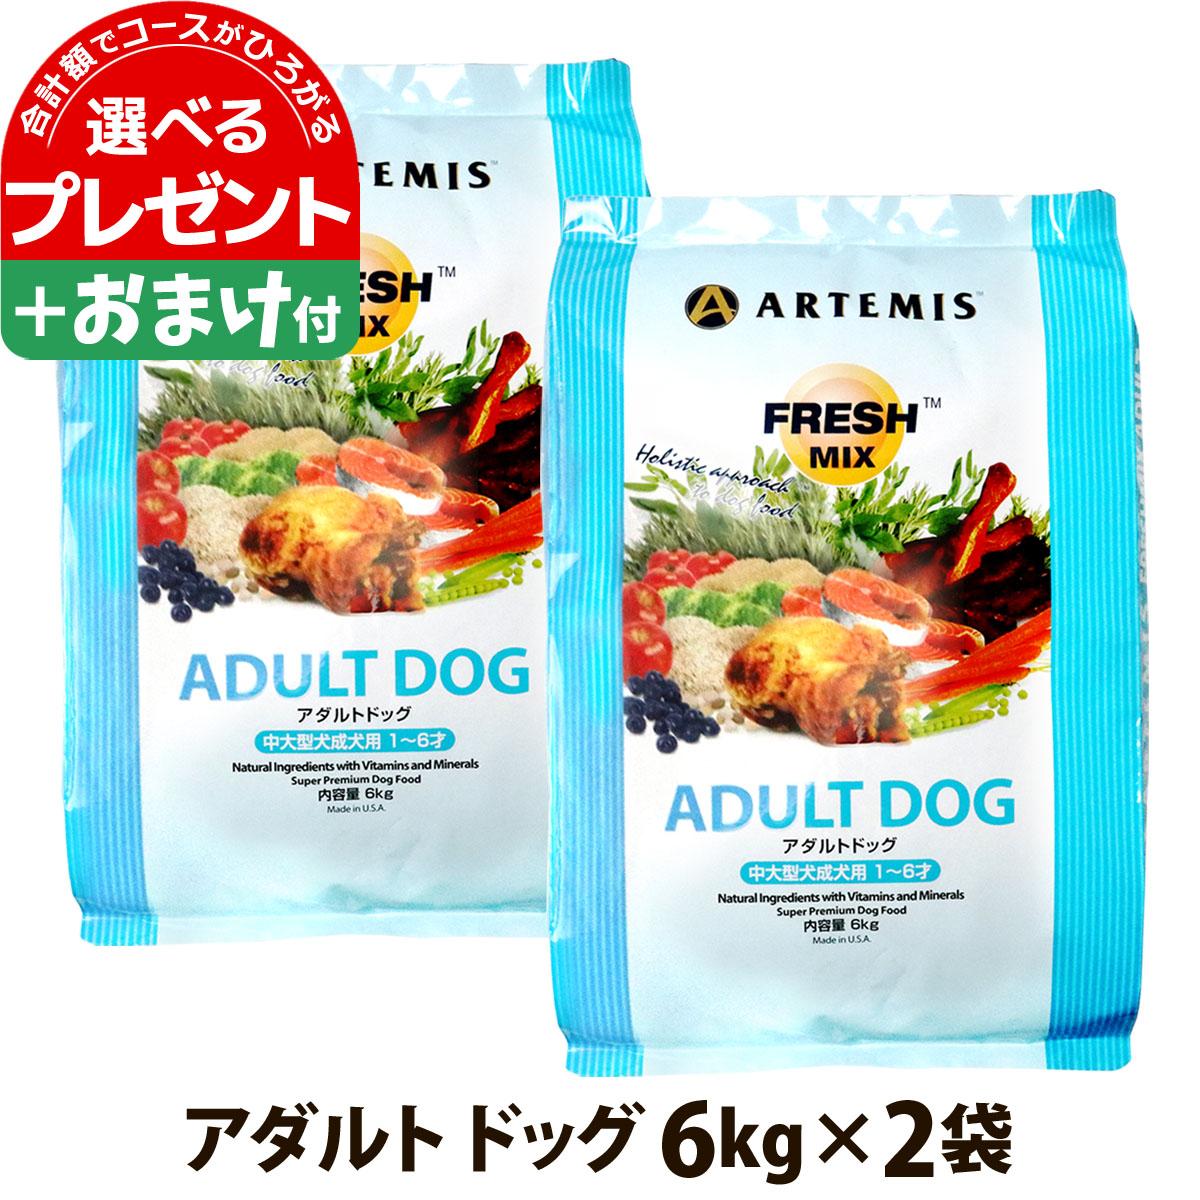 アーテミスフレッシュミックス アダルトドッグ6kg×2個+乳酸菌おやつ1個